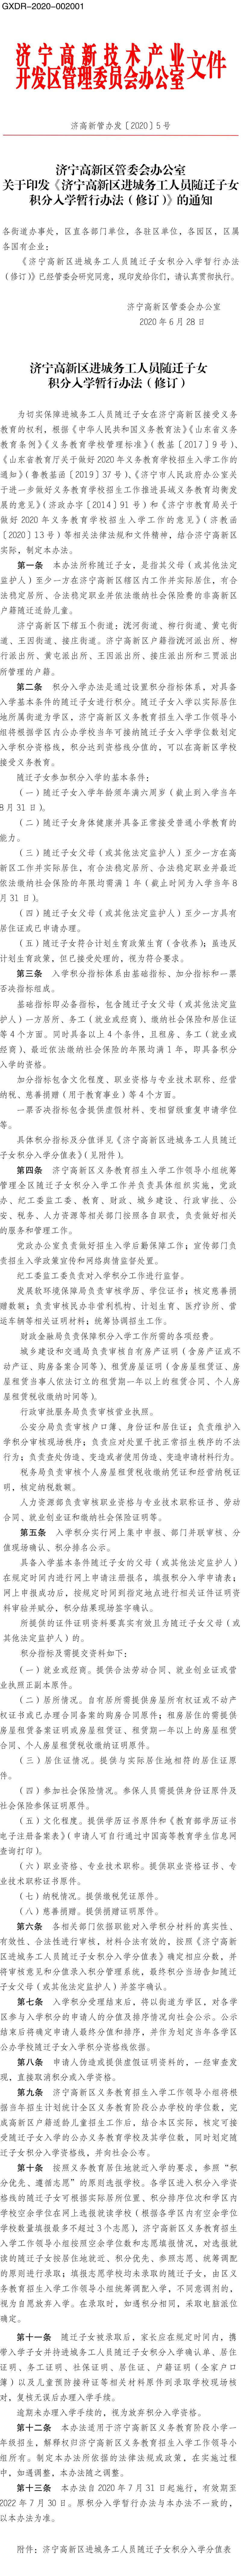 济宁高新区进城务工人员随迁子女积分入学暂行办法出炉